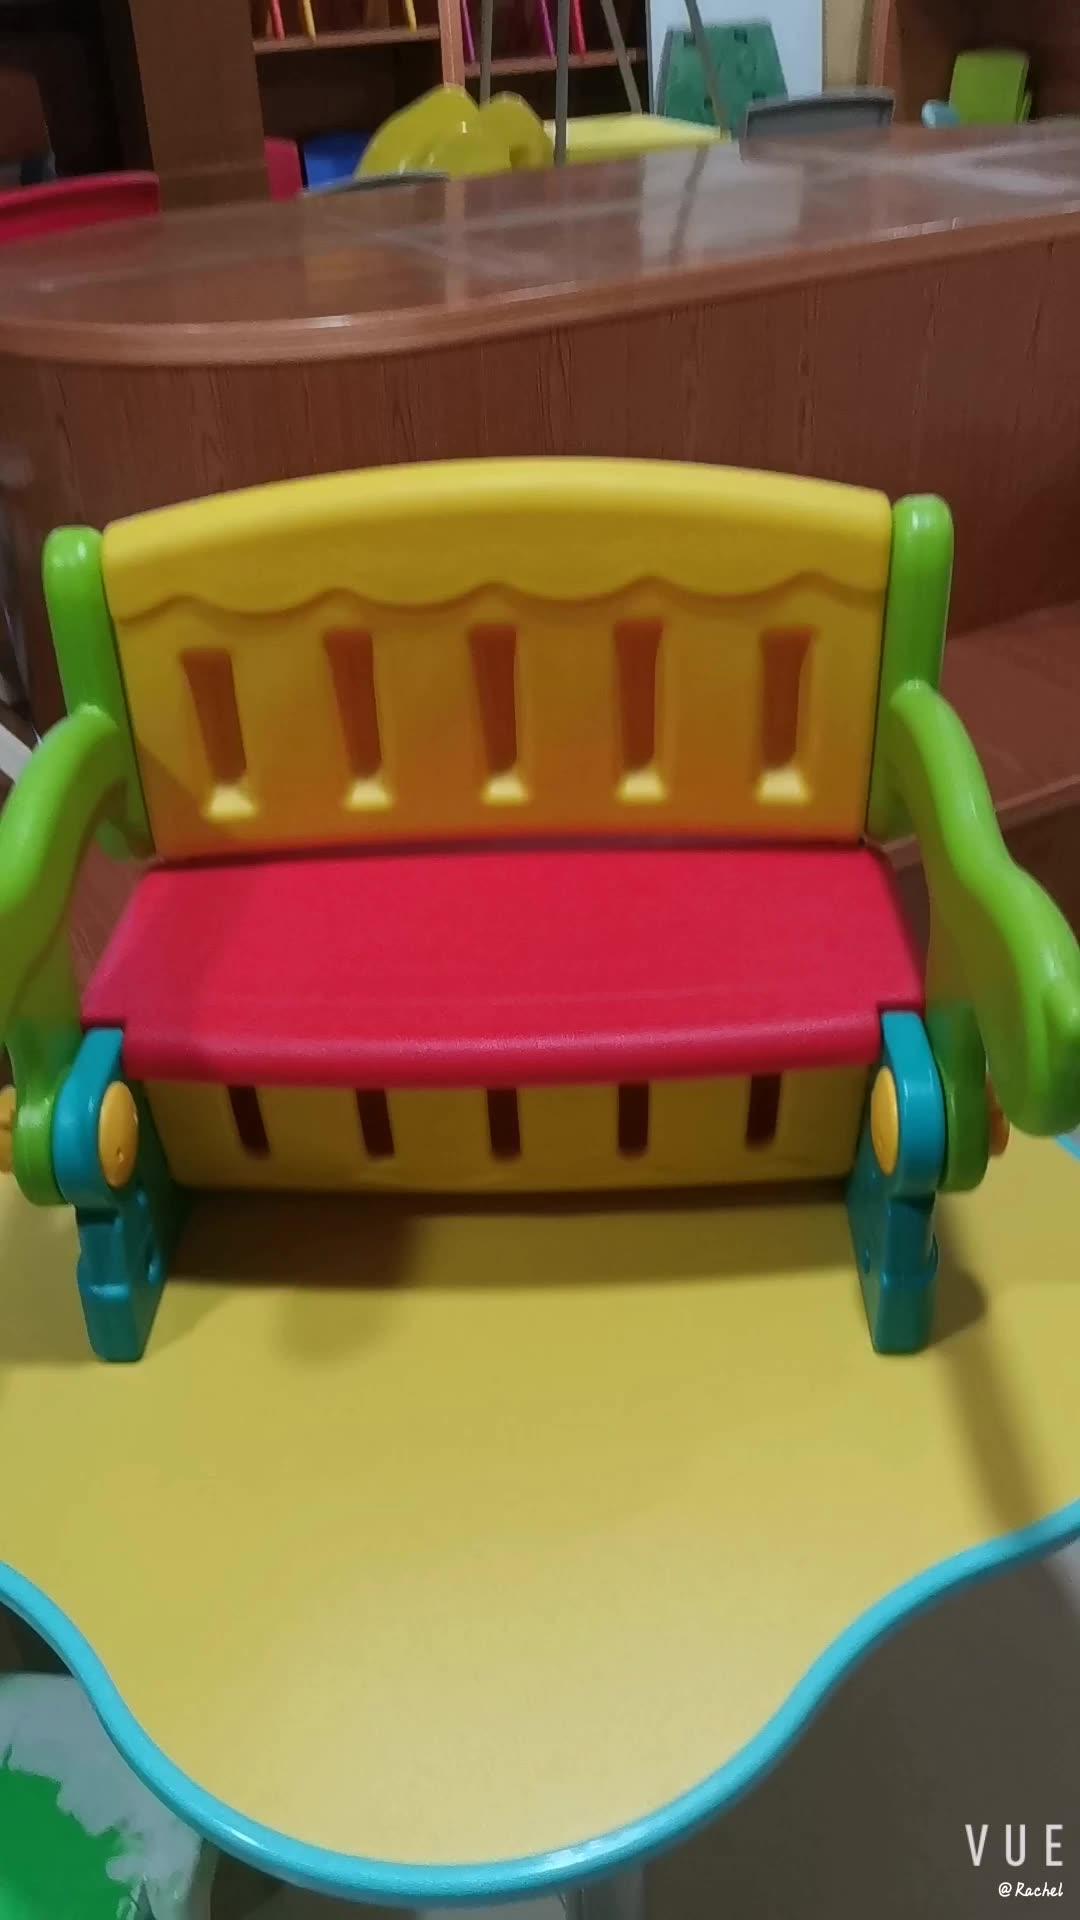 Nieuwe Ontwerp Interessante Multifunctionele Kinderkamer Meubels Kinderen Plastic Opklapbare Tafel En Stoel